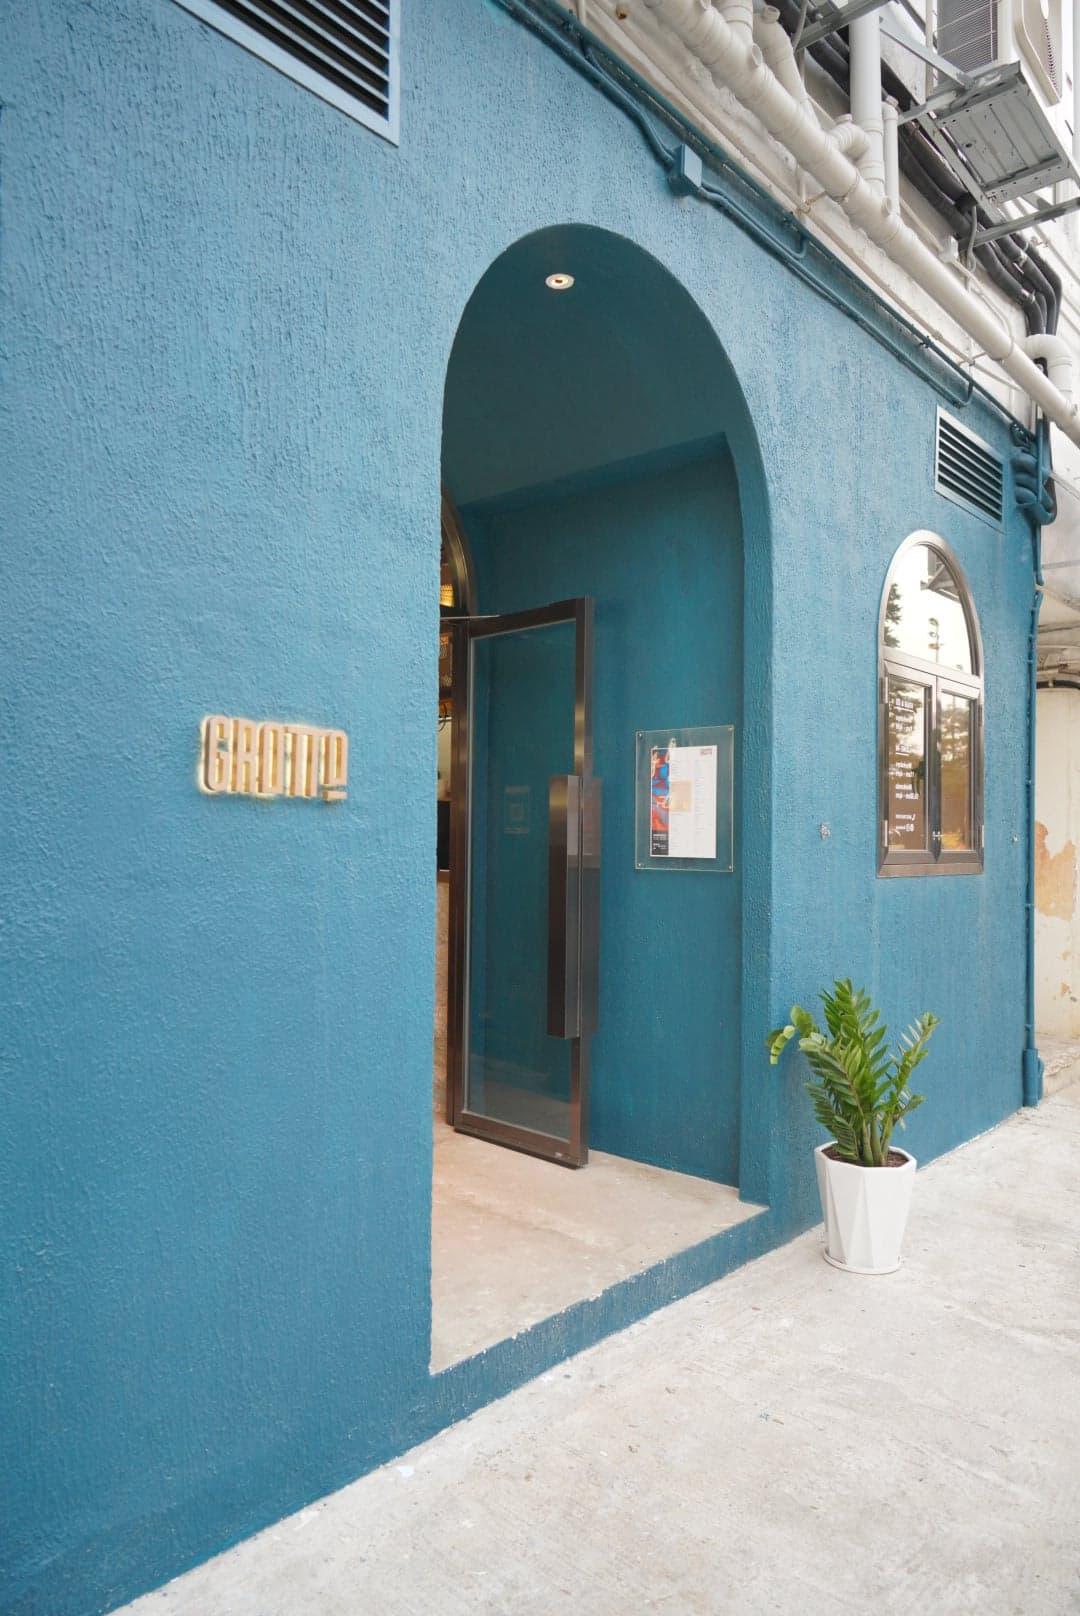 藍外牆加上盆栽植物,令人聯想起摩洛哥舍夫沙萬。